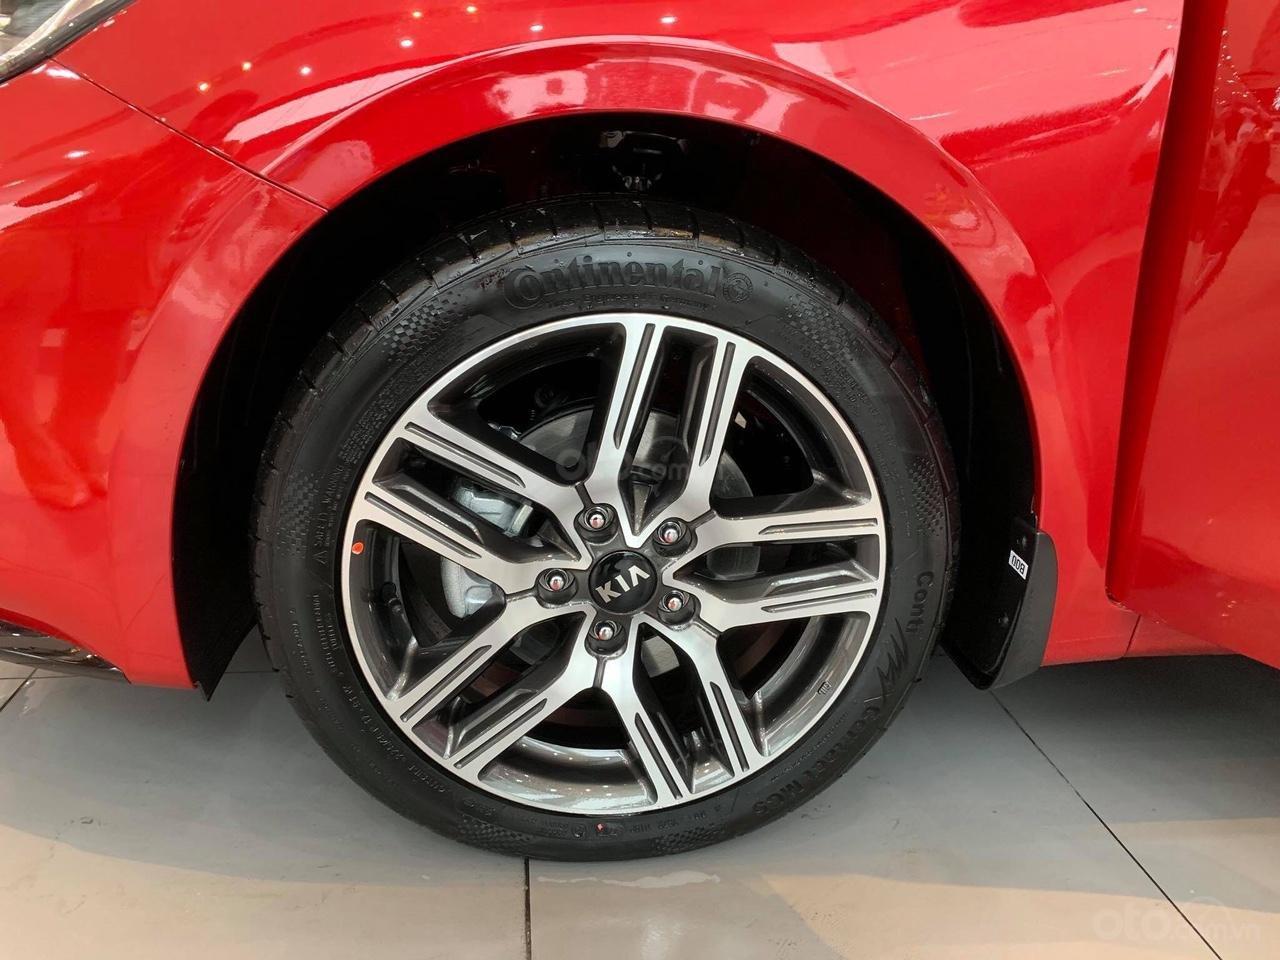 Kia Cerato 2019 nhiều ưu đãi, đủ màu, xe có sẵn và giao ngay, hỗ trợ trả góp 90%, liên hệ 093 317 0660-4